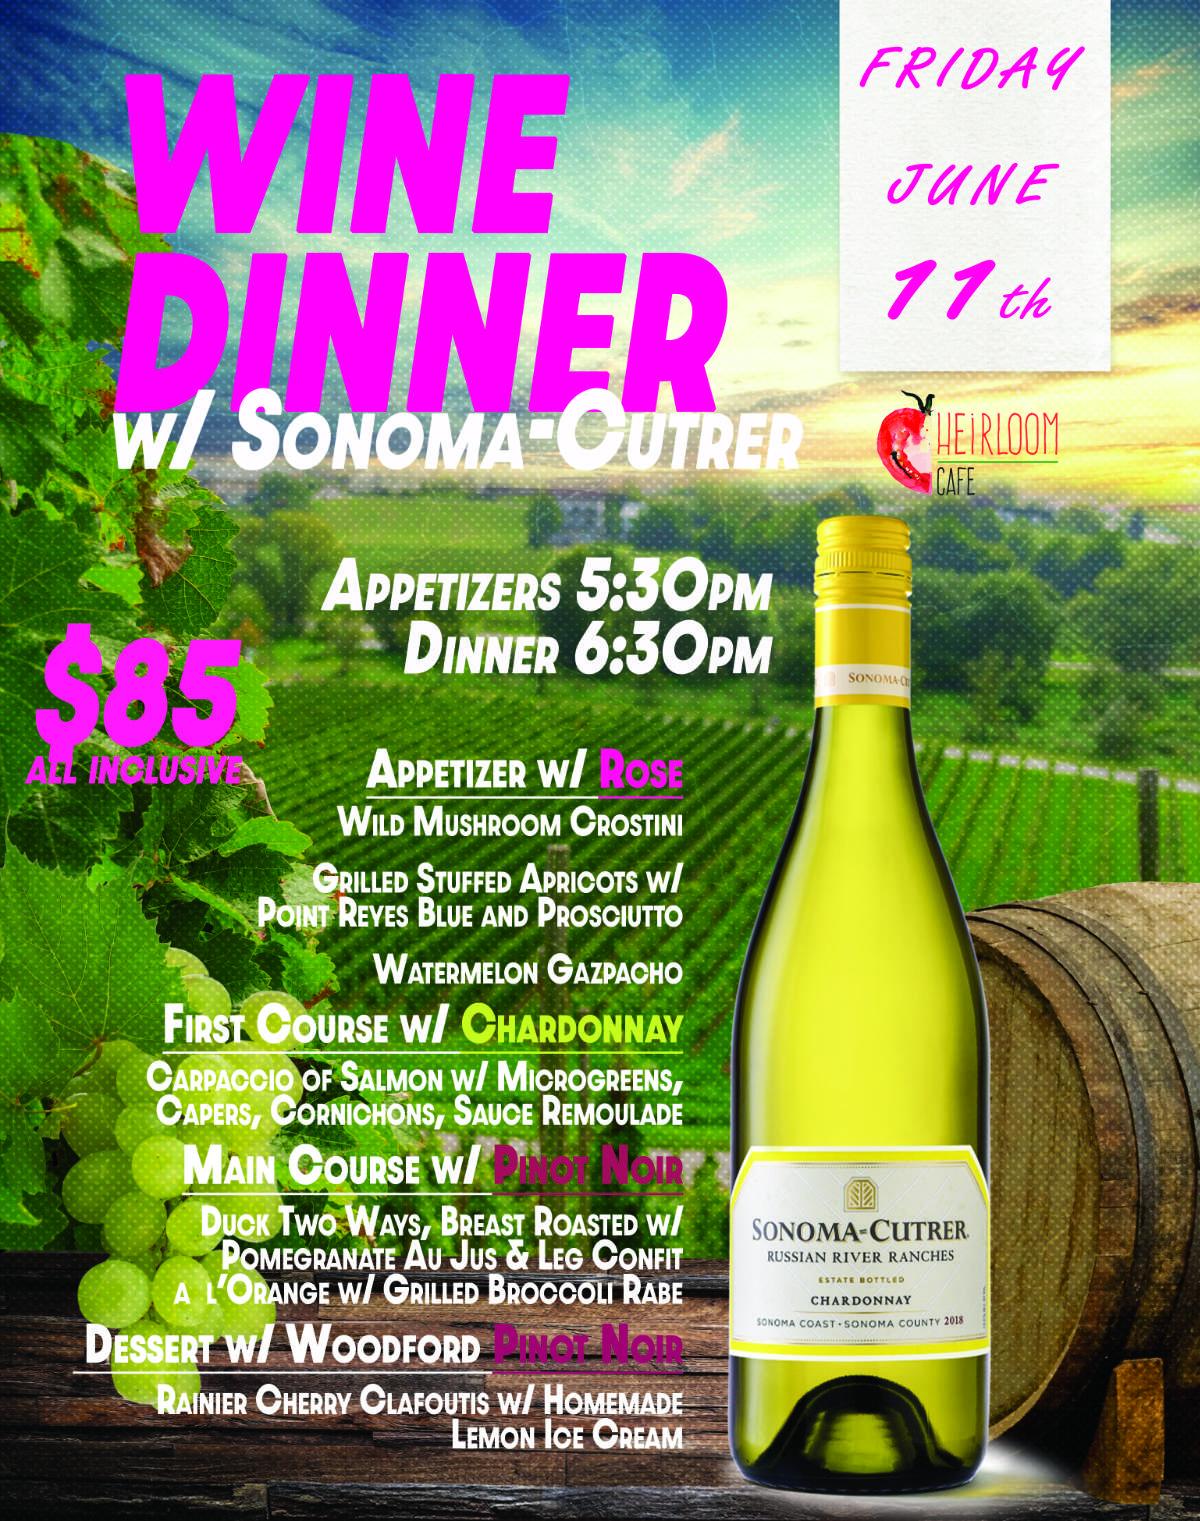 WINE DINNER w/ SONOMA CUTRER